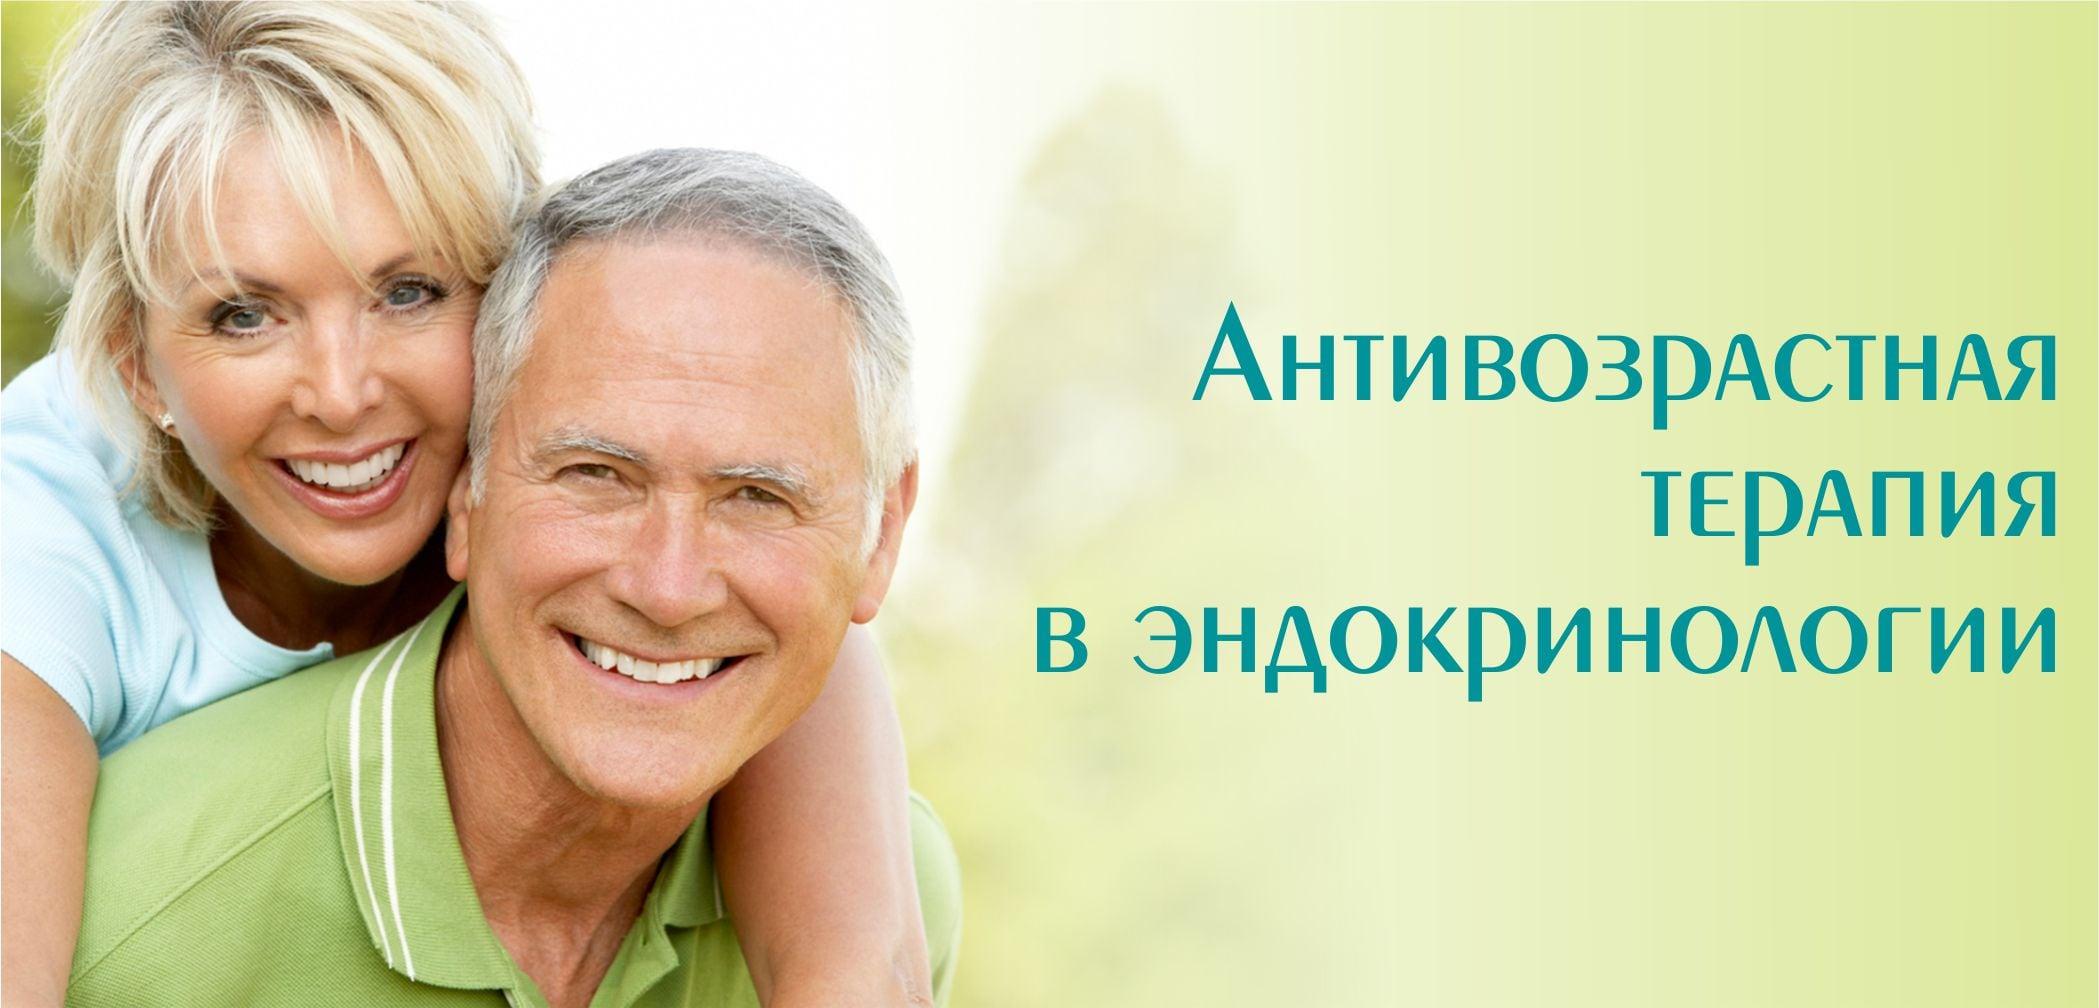 антивозрастная терапия